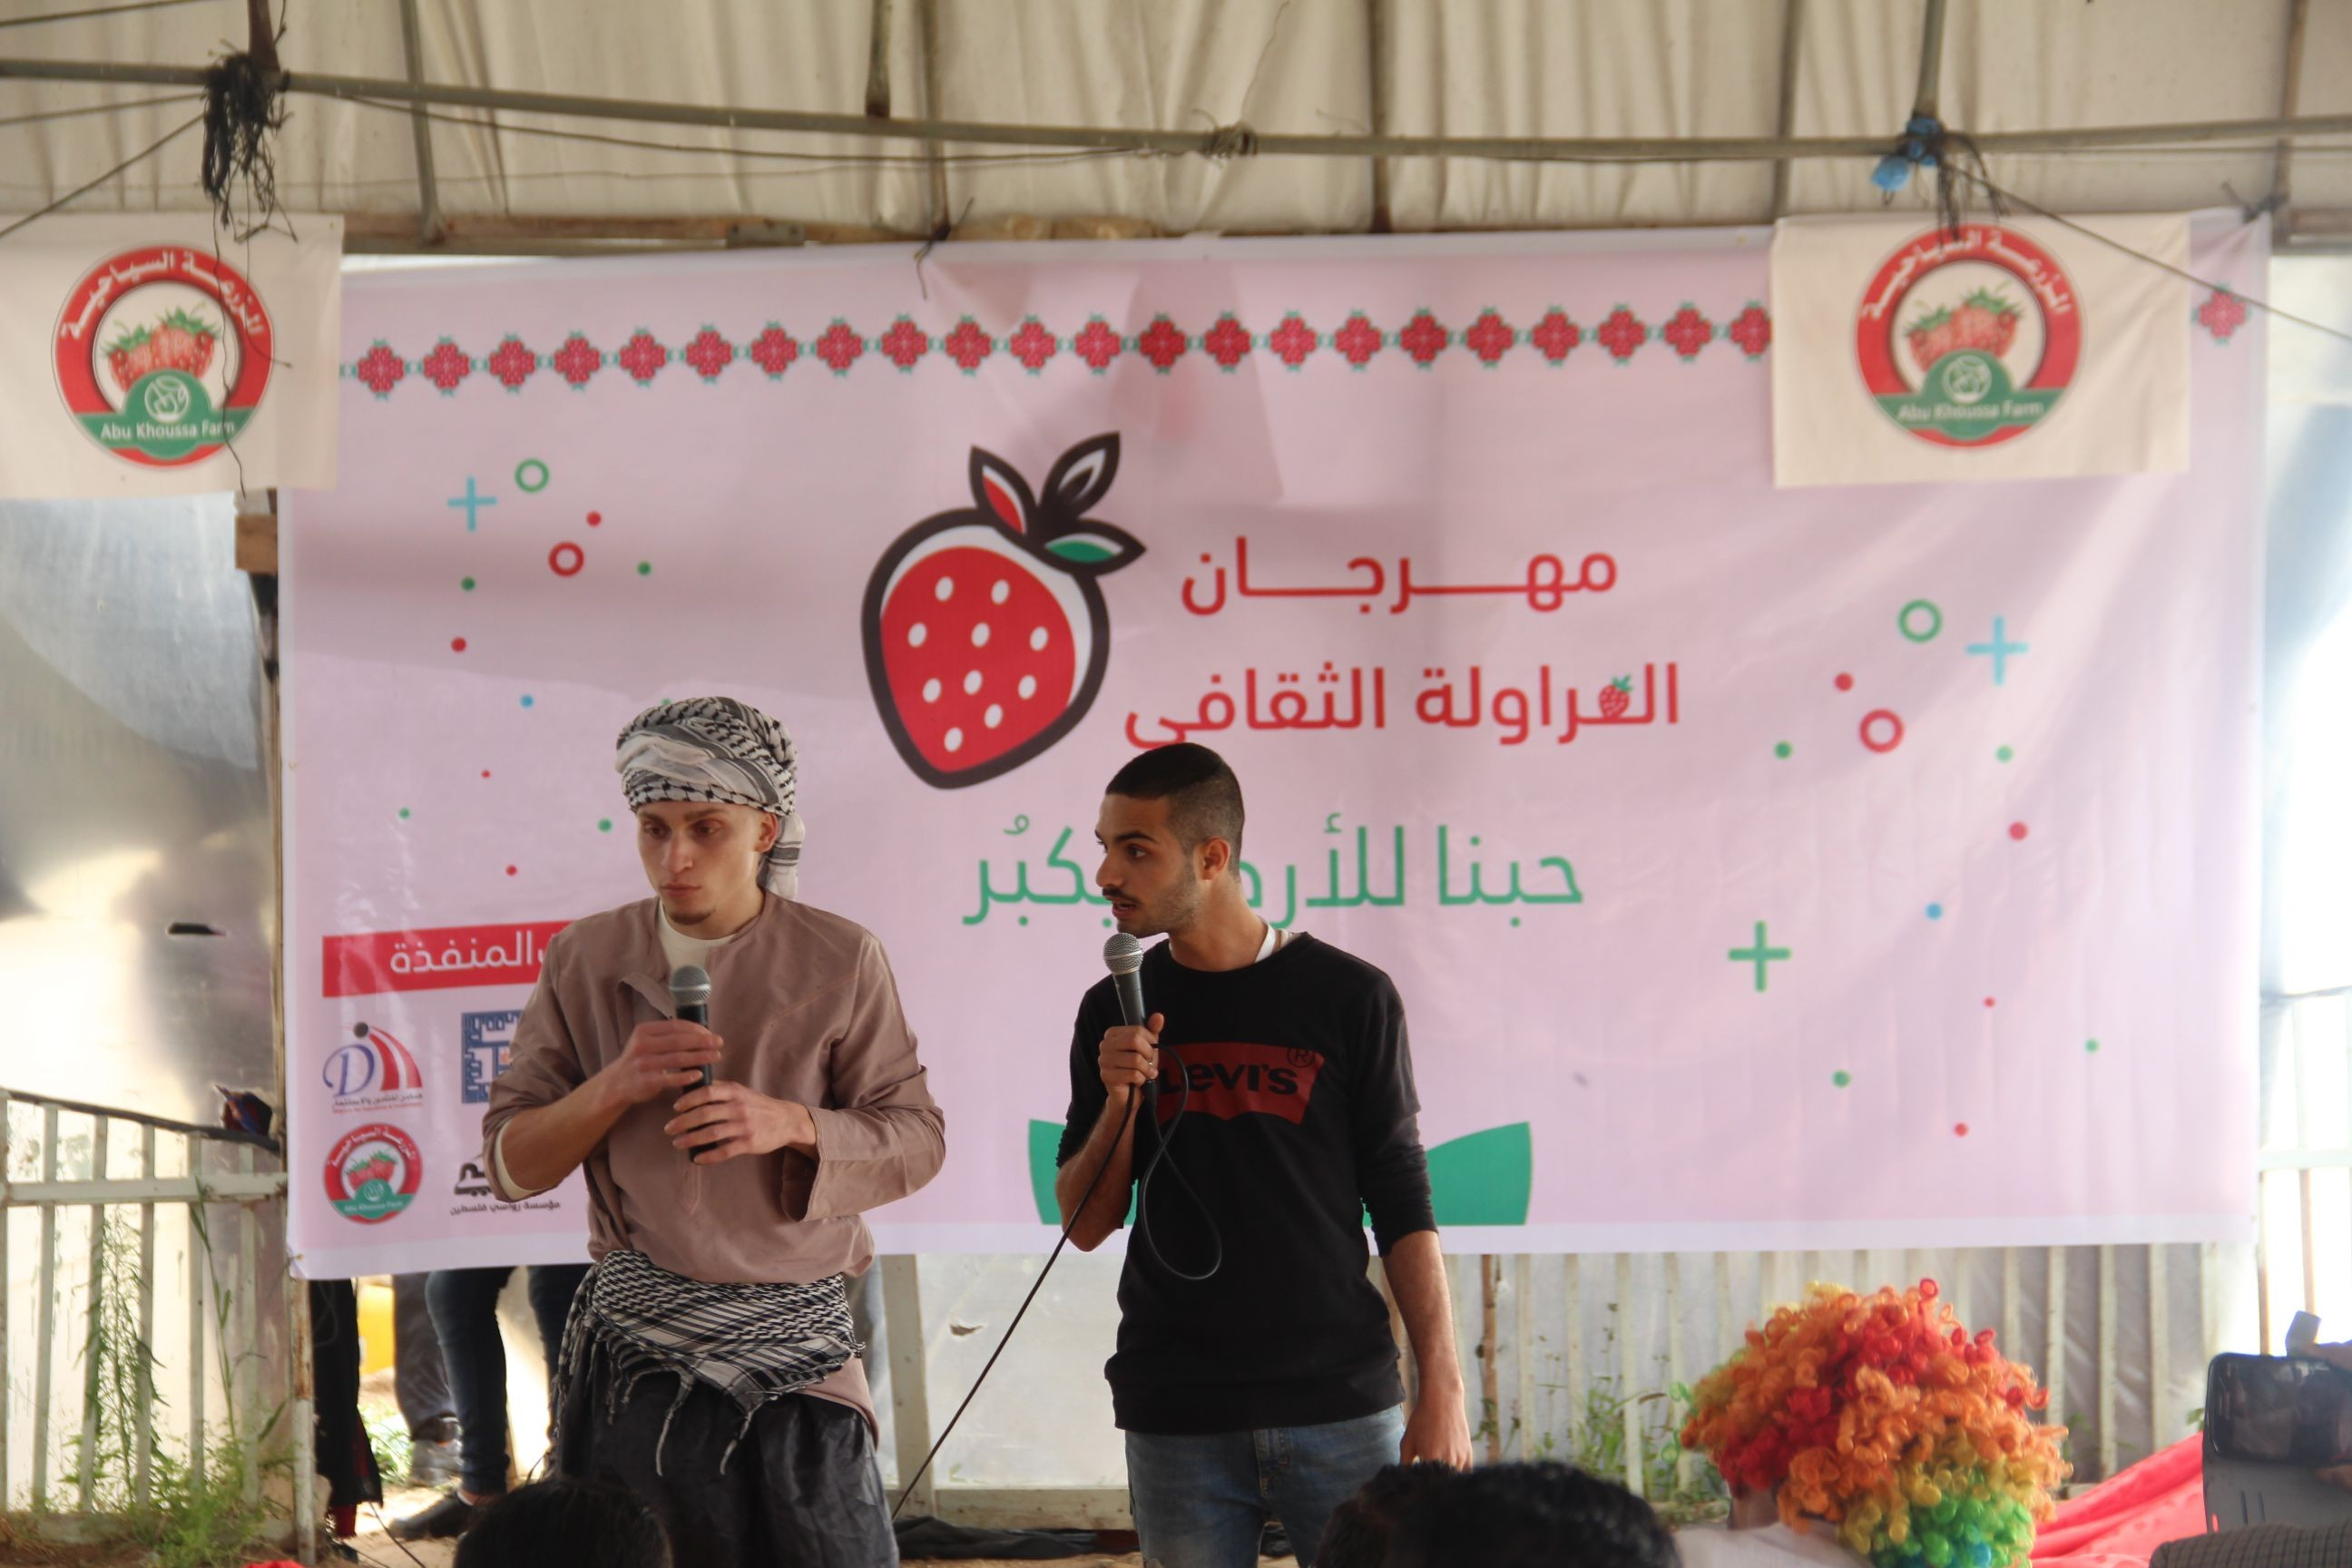 حفل فني بغزة احتفاءً بموسم قطف الفراولة